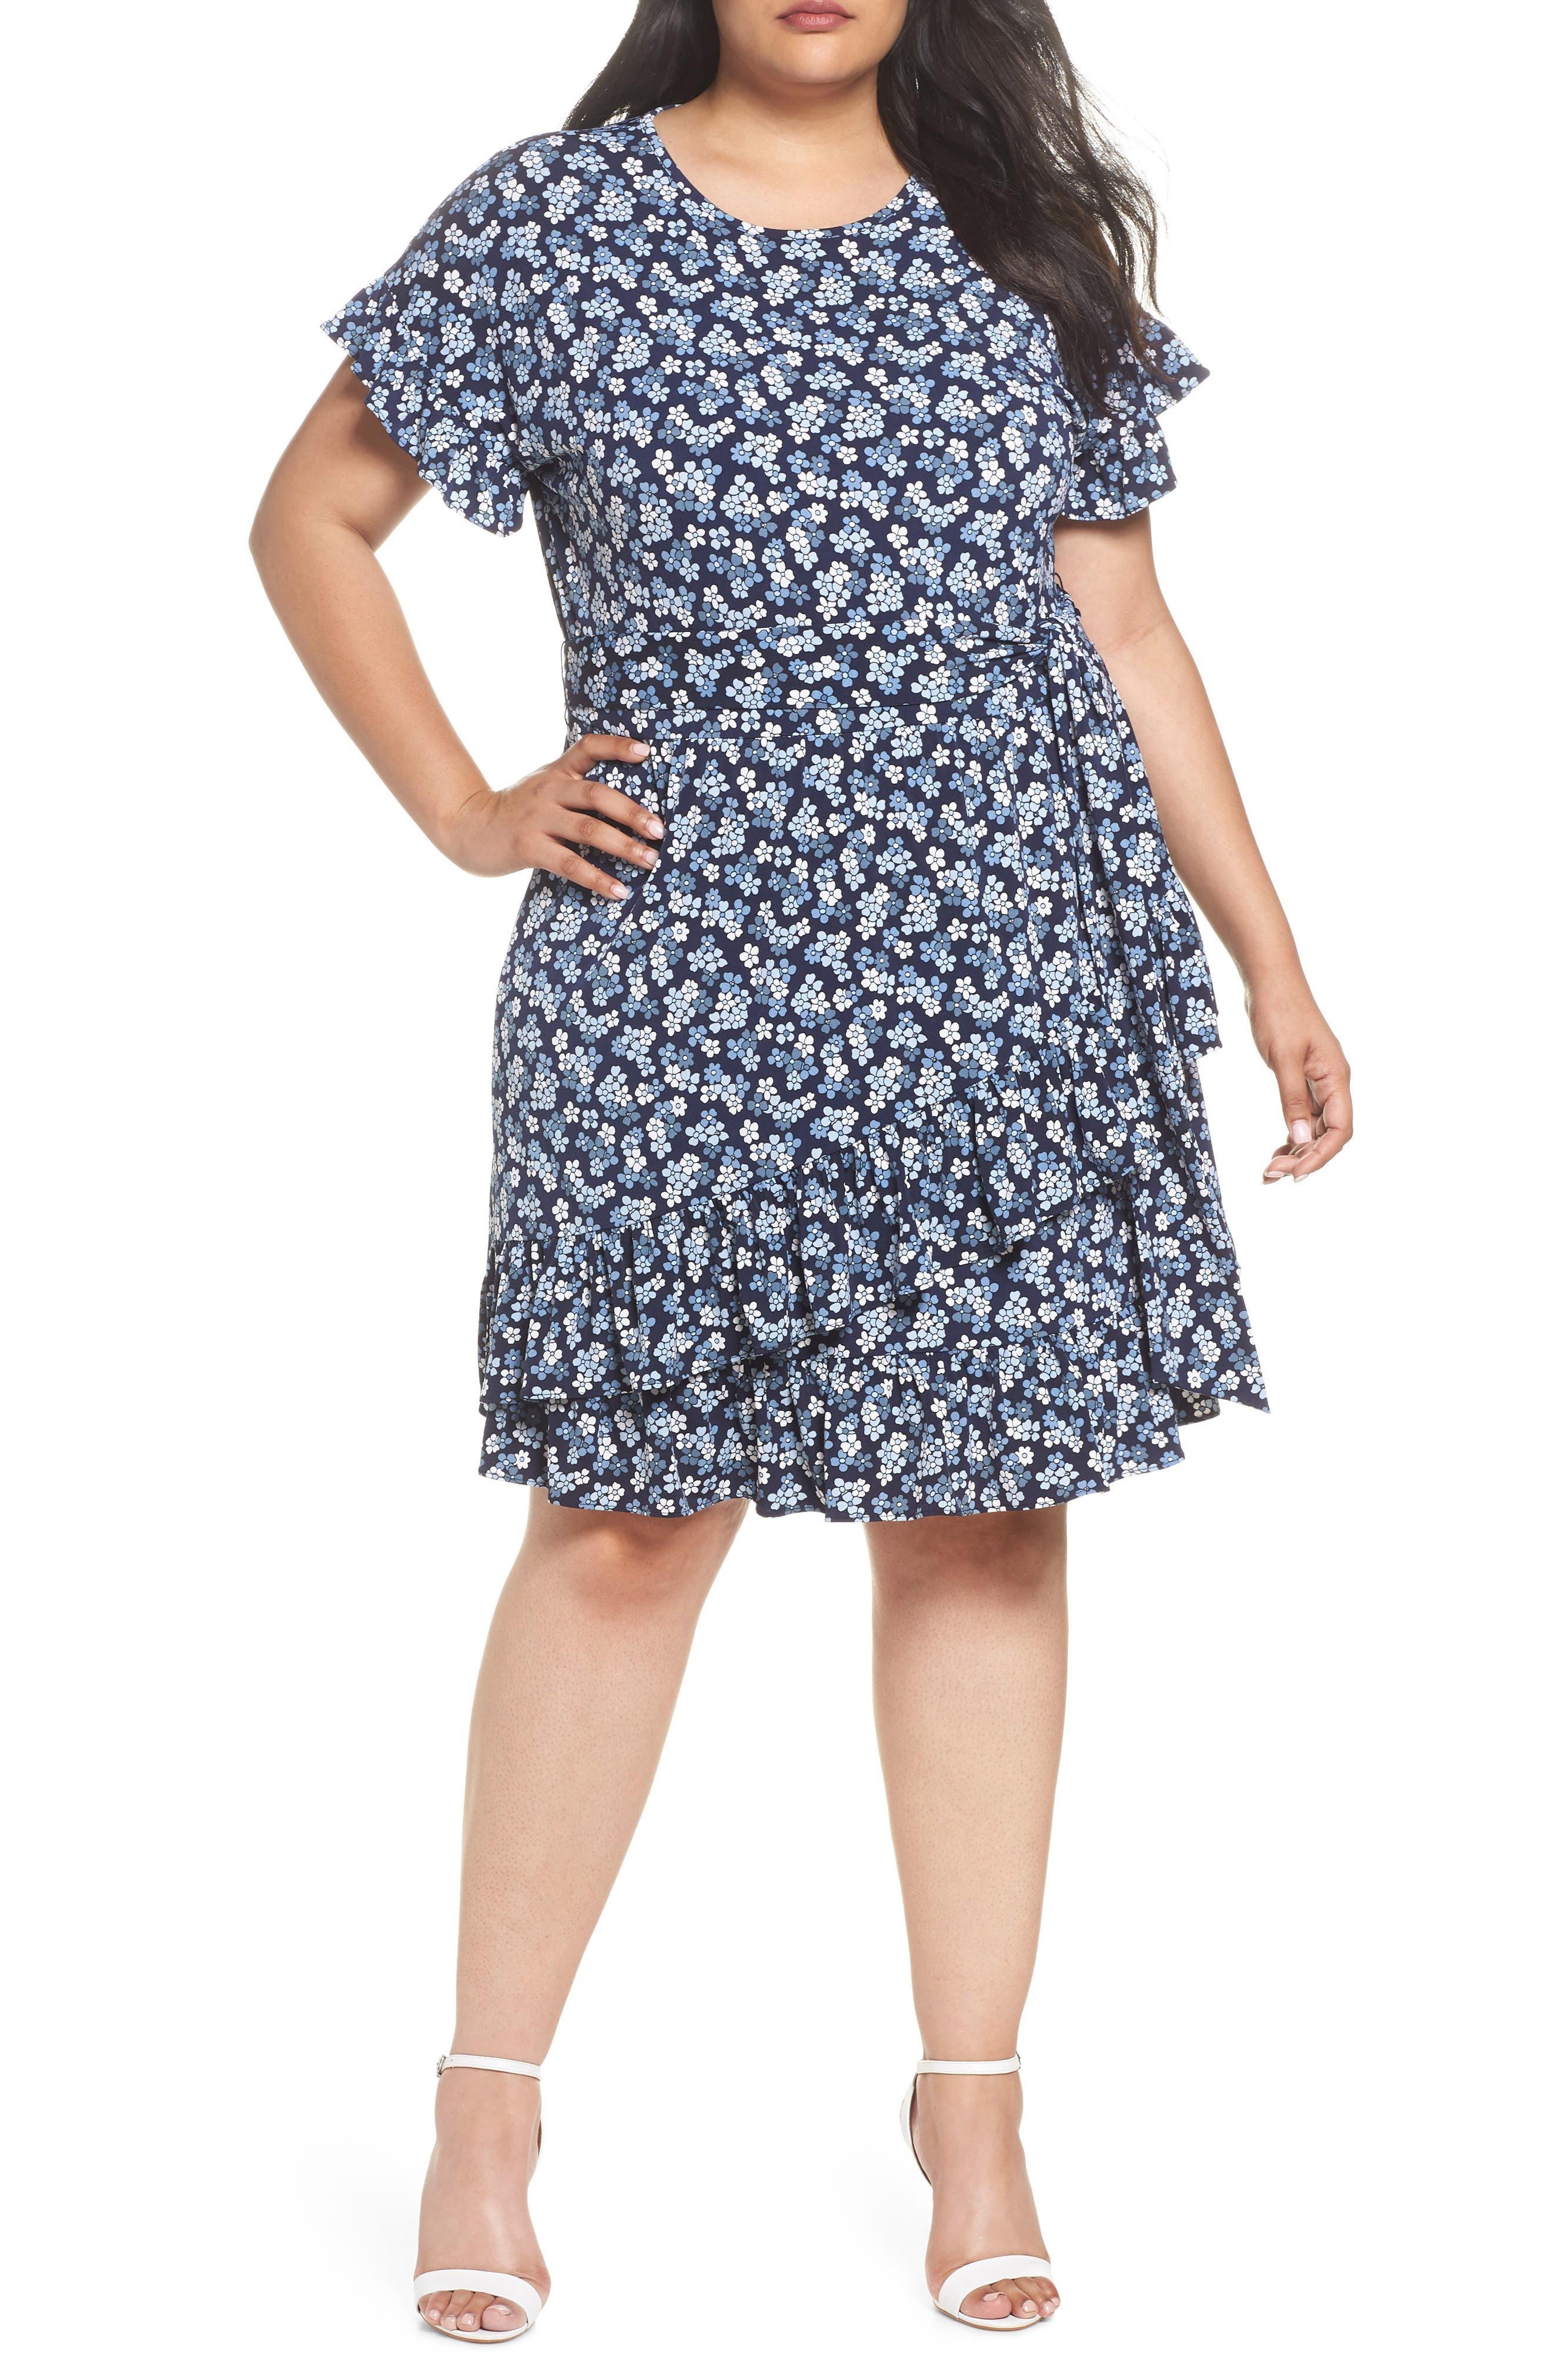 Cherry Blossom Ruffle Faux Wrap Dress,                             Main thumbnail 1, color,                             True Navy/ Light Chambray